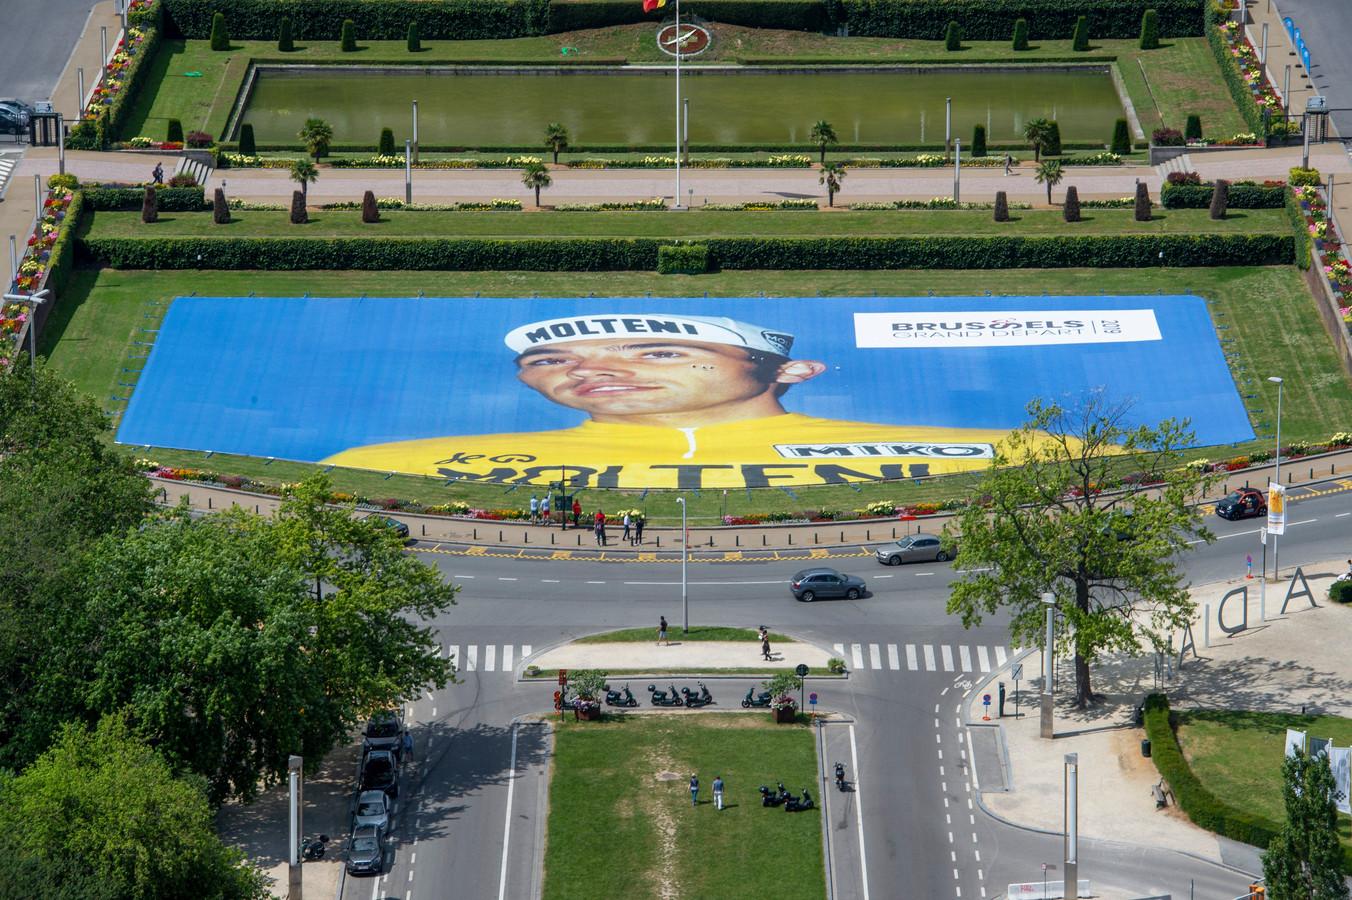 Une immense image d'Eddy Merckx a été installée.